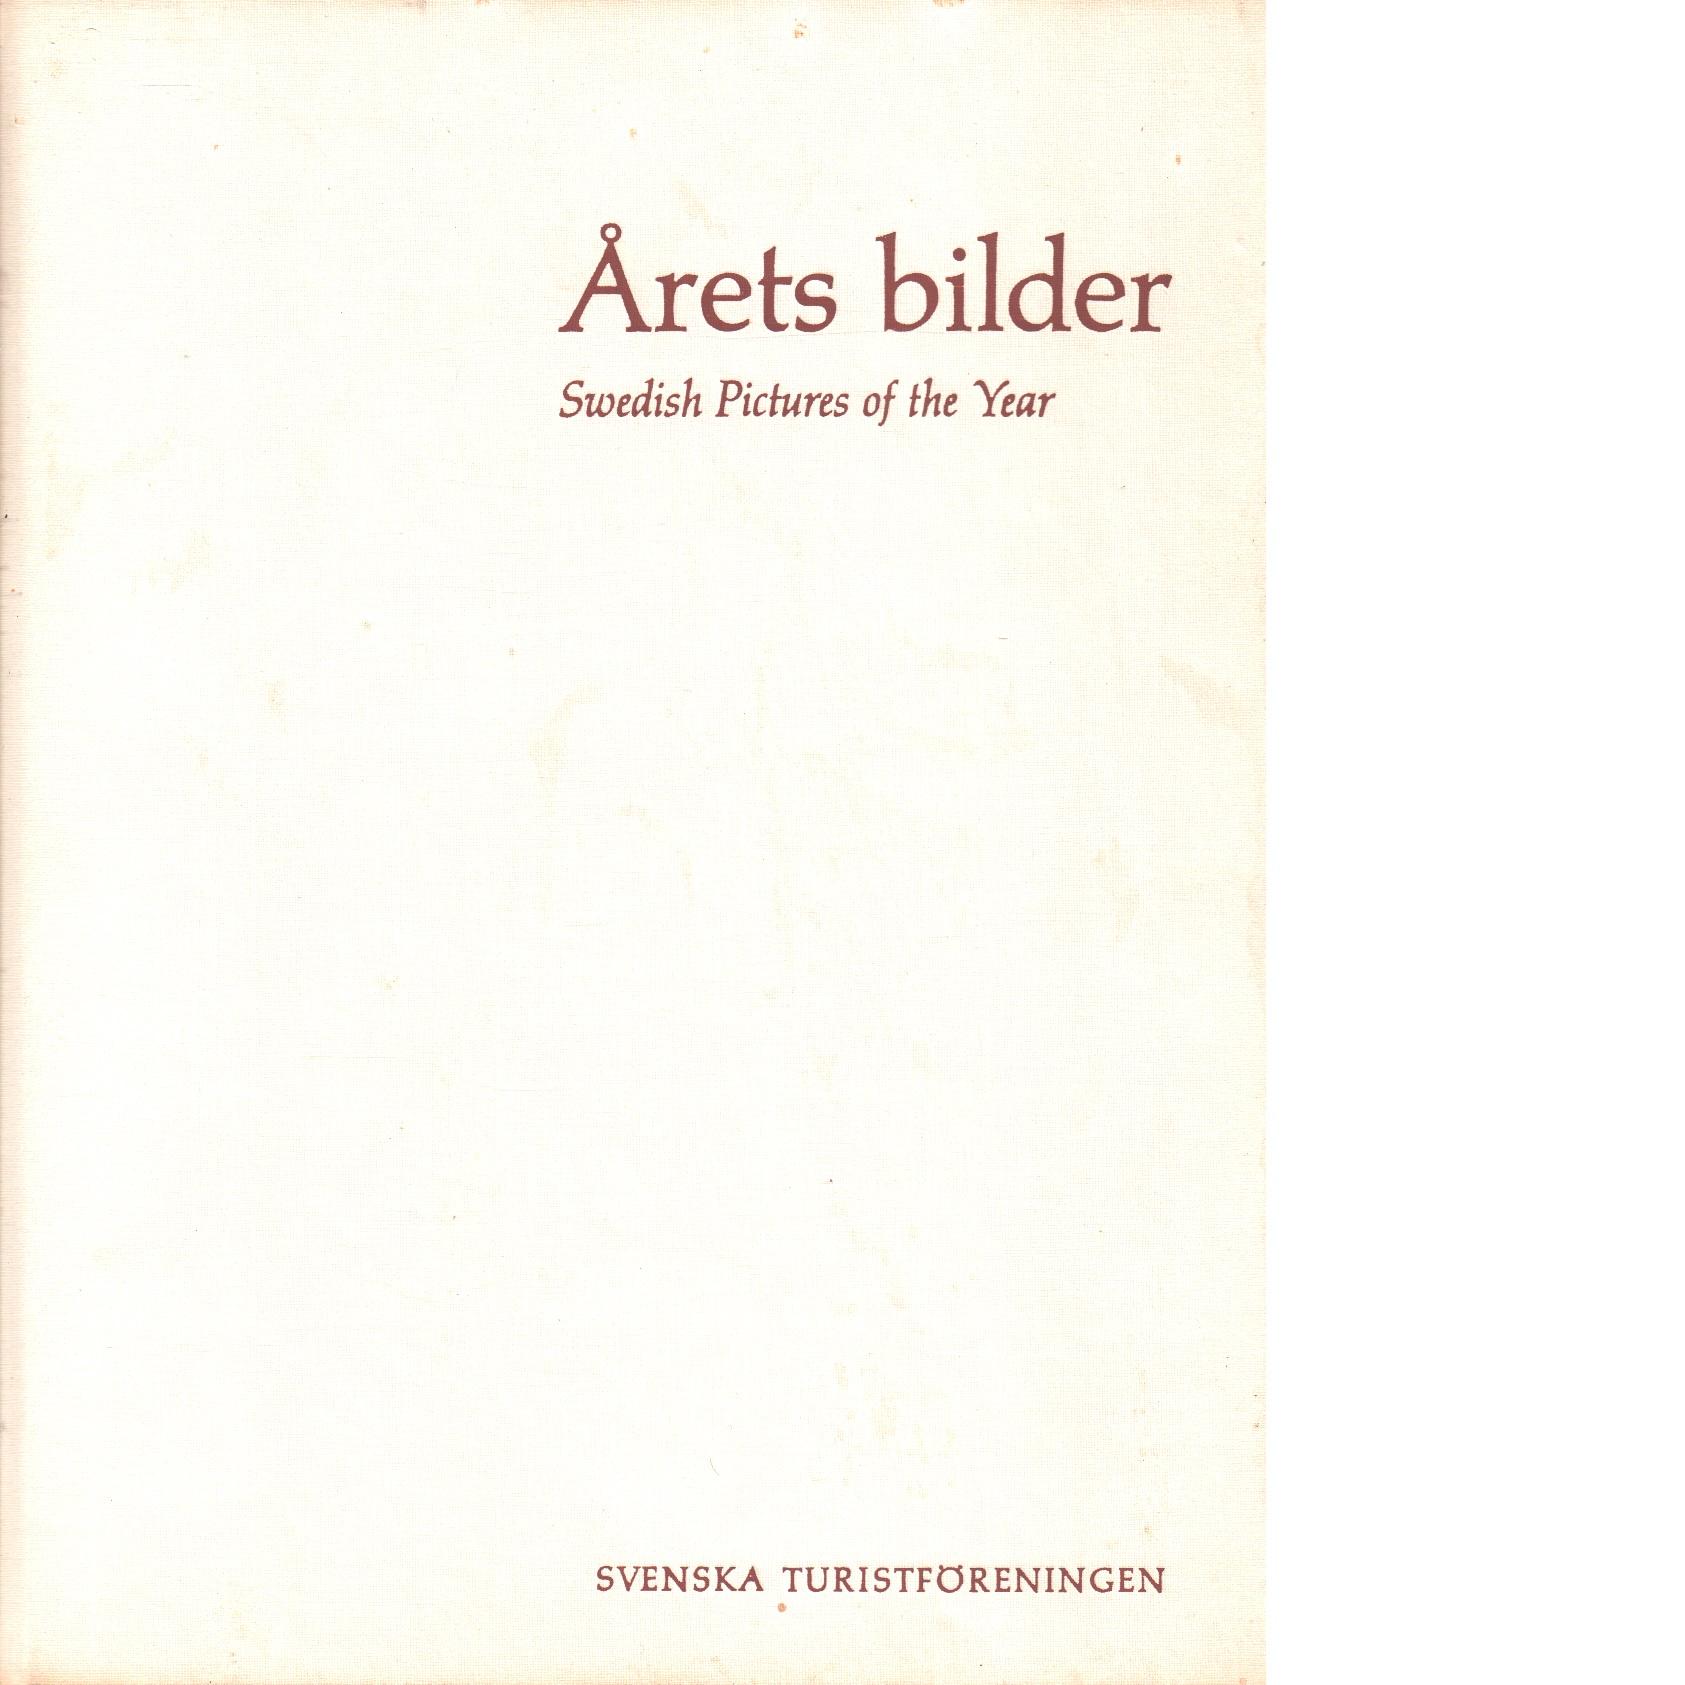 Årets bilder 1967 - Svenska turistföreningen